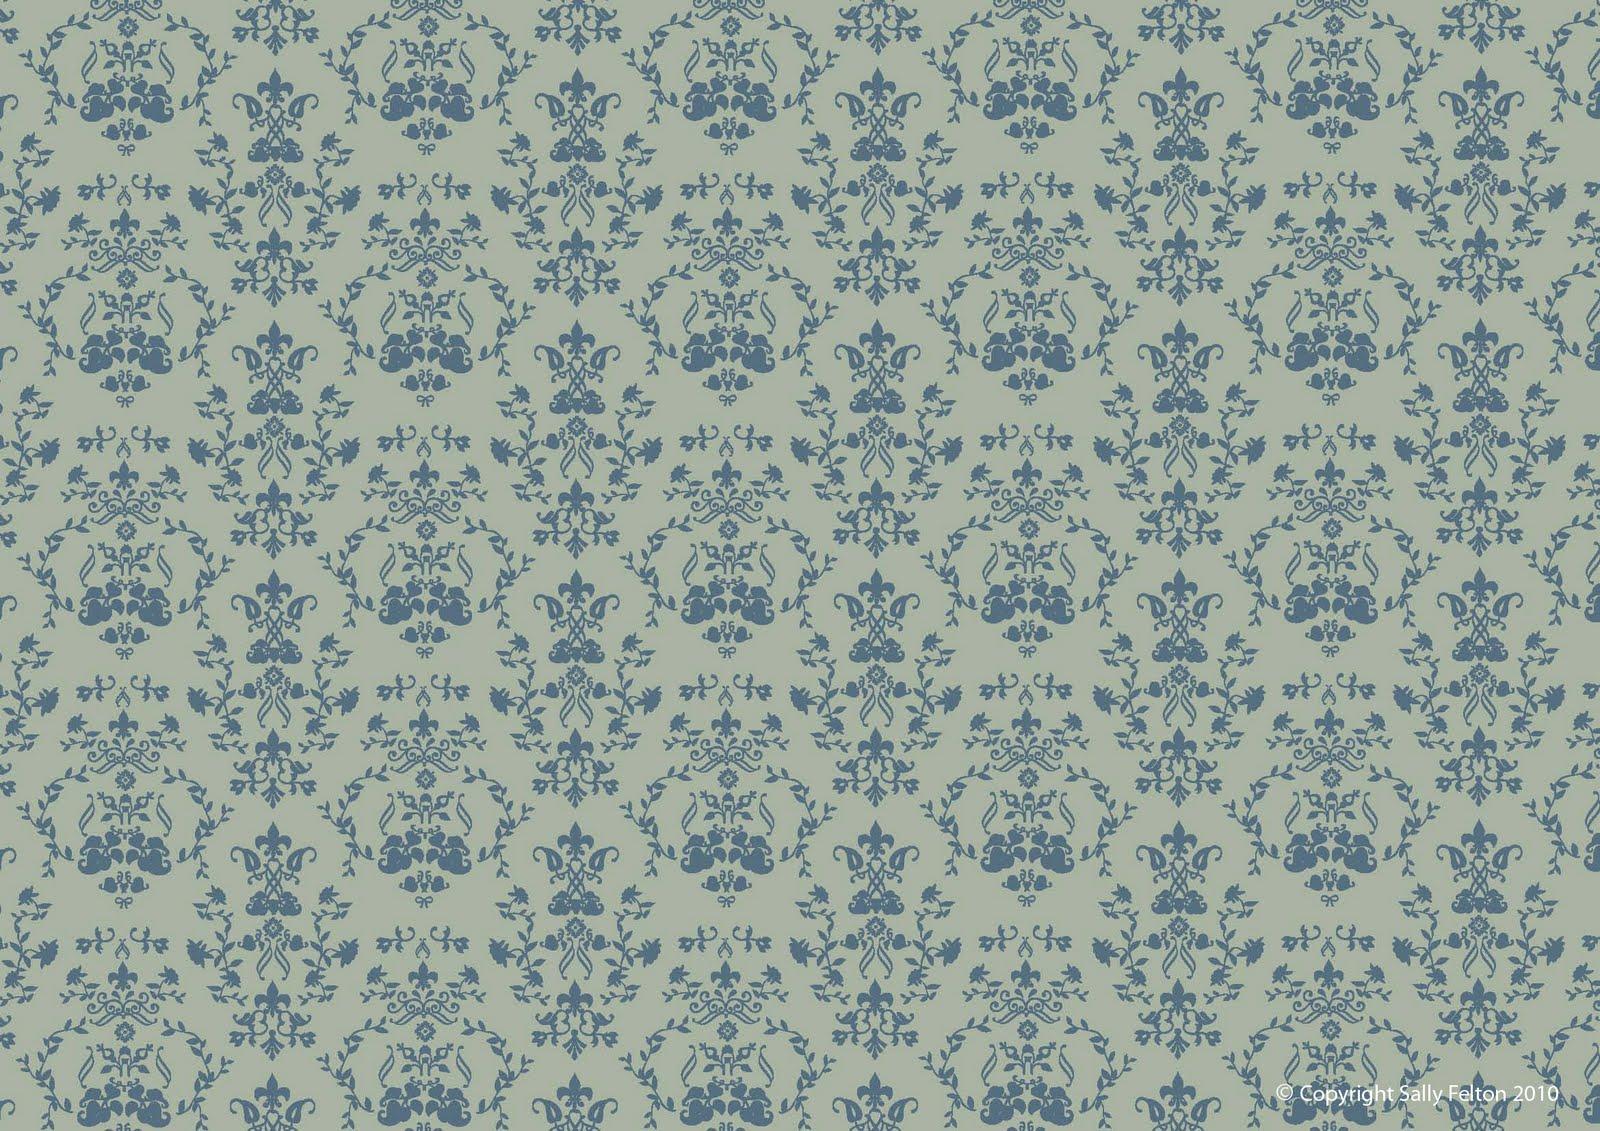 ... gKBHlYE5I/AAAAAAAAAdU/n4gfuXL5t6U/s1600/fancy+pattern+copy.jpg